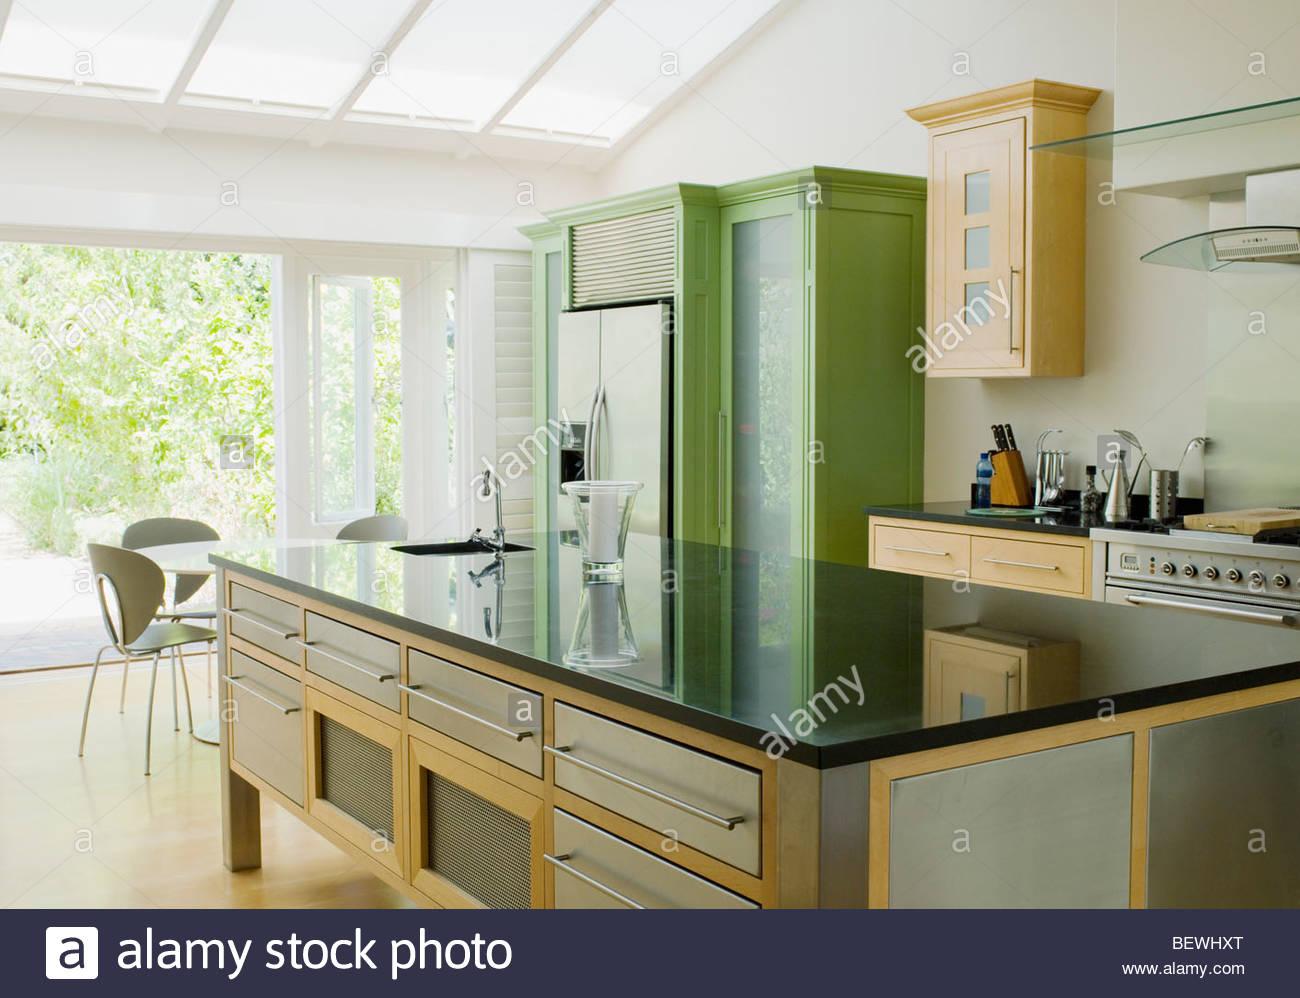 Oberlicht Modern Stockfotos & Oberlicht Modern Bilder - Alamy